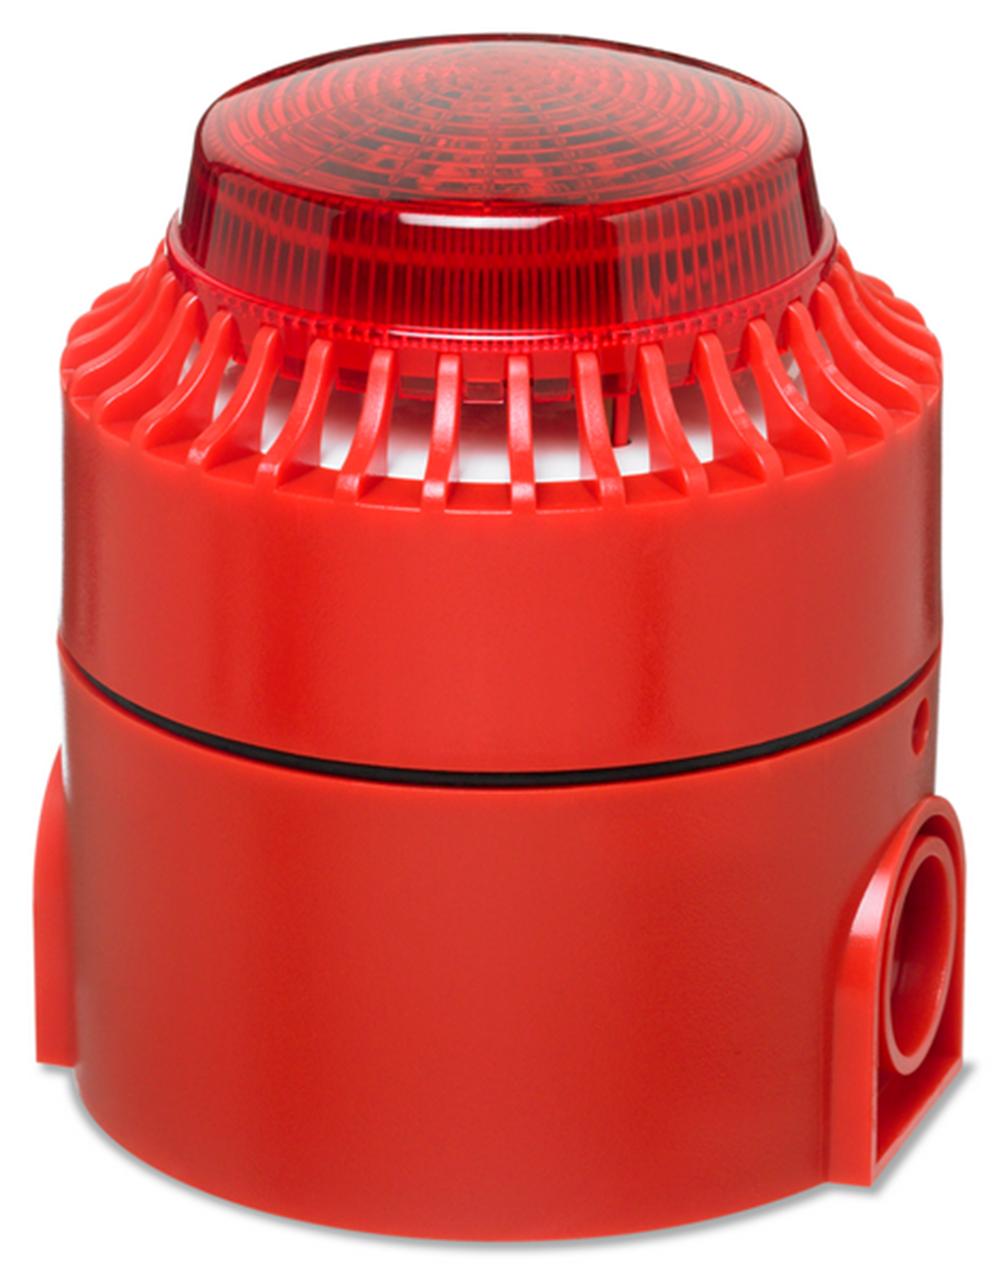 Bentel security 5HS200 - Acoustic-Luminous Indicating Device Armenia Vantag LLC